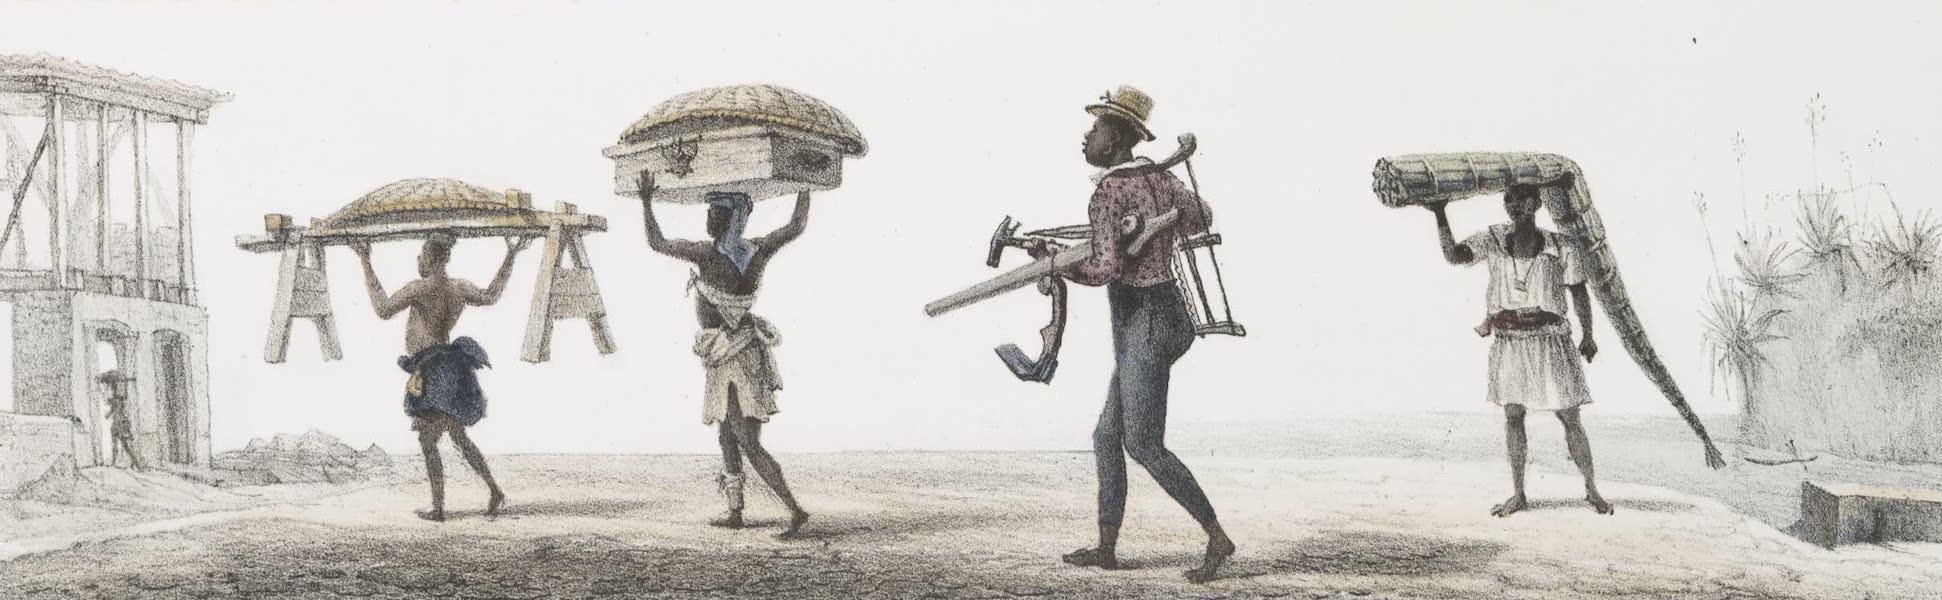 Voyage Pittoresque et Historique au Bresil Vol. 2 - Menuisier allant s'installer Transport de Feuilles d'Aloes (1835)